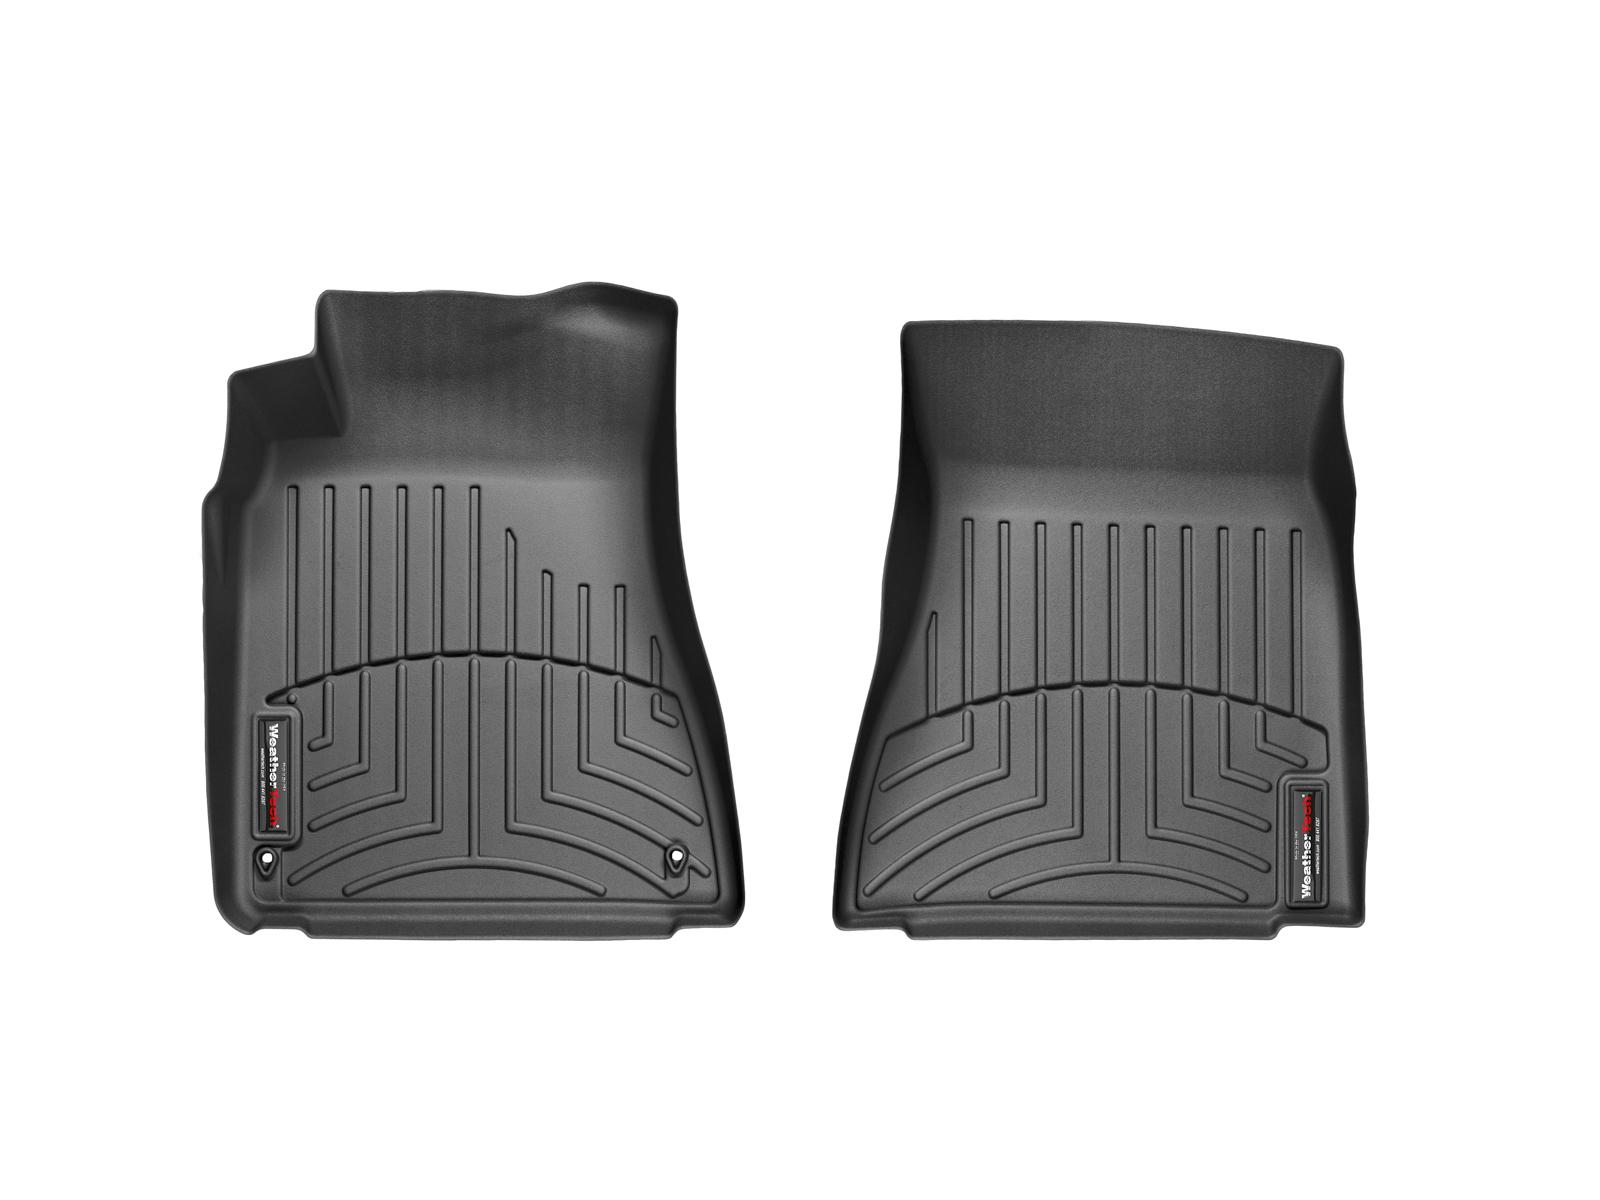 Tappeti gomma su misura bordo alto Lexus IS 05>10 Nero A2042